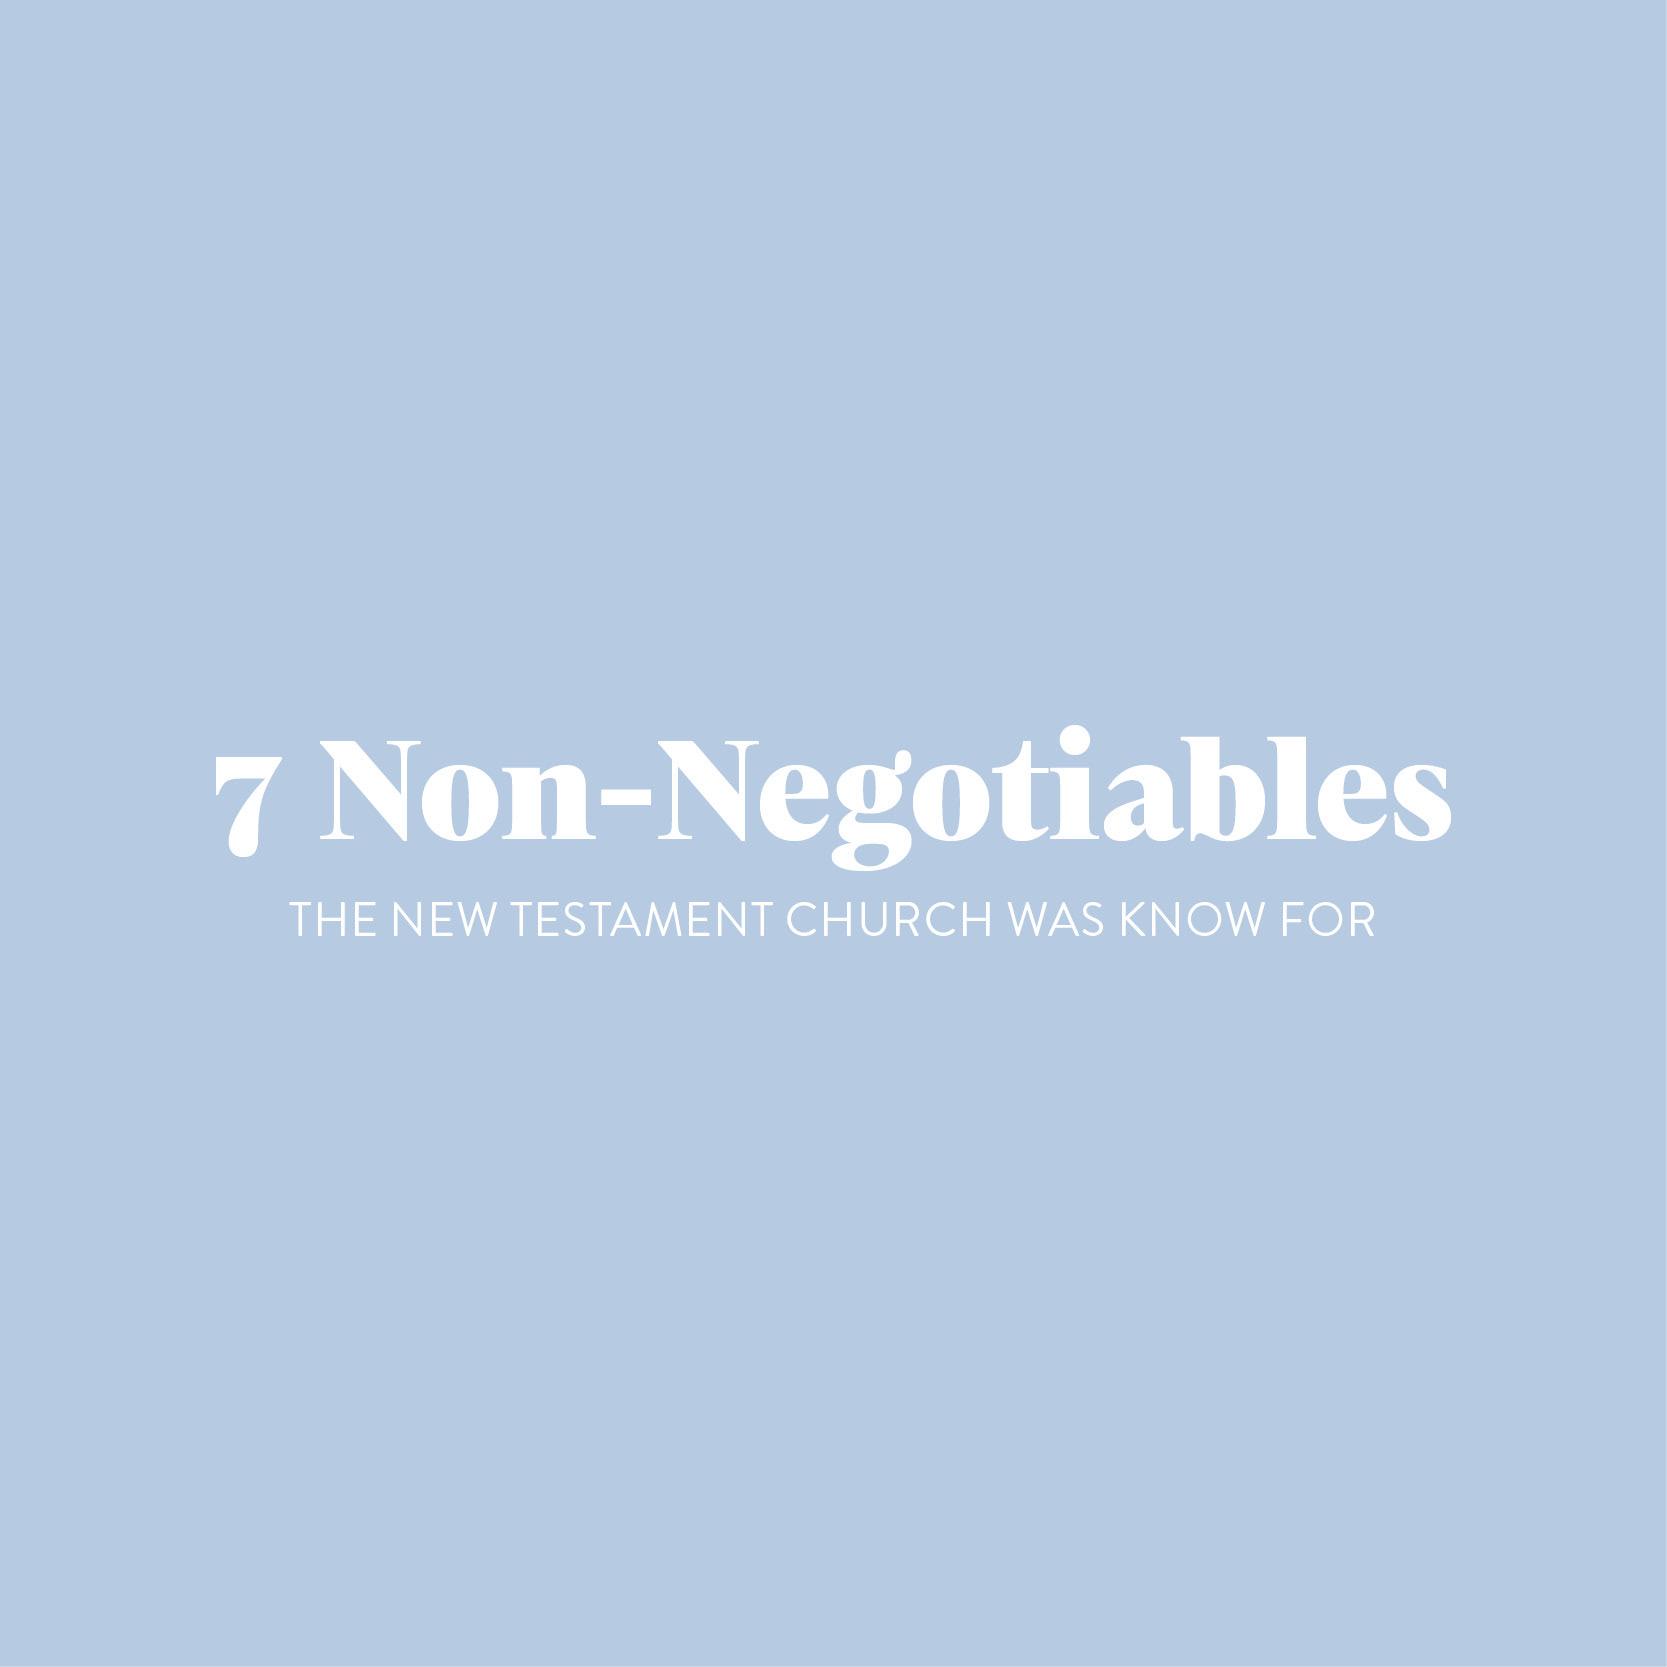 7 non negotiables card